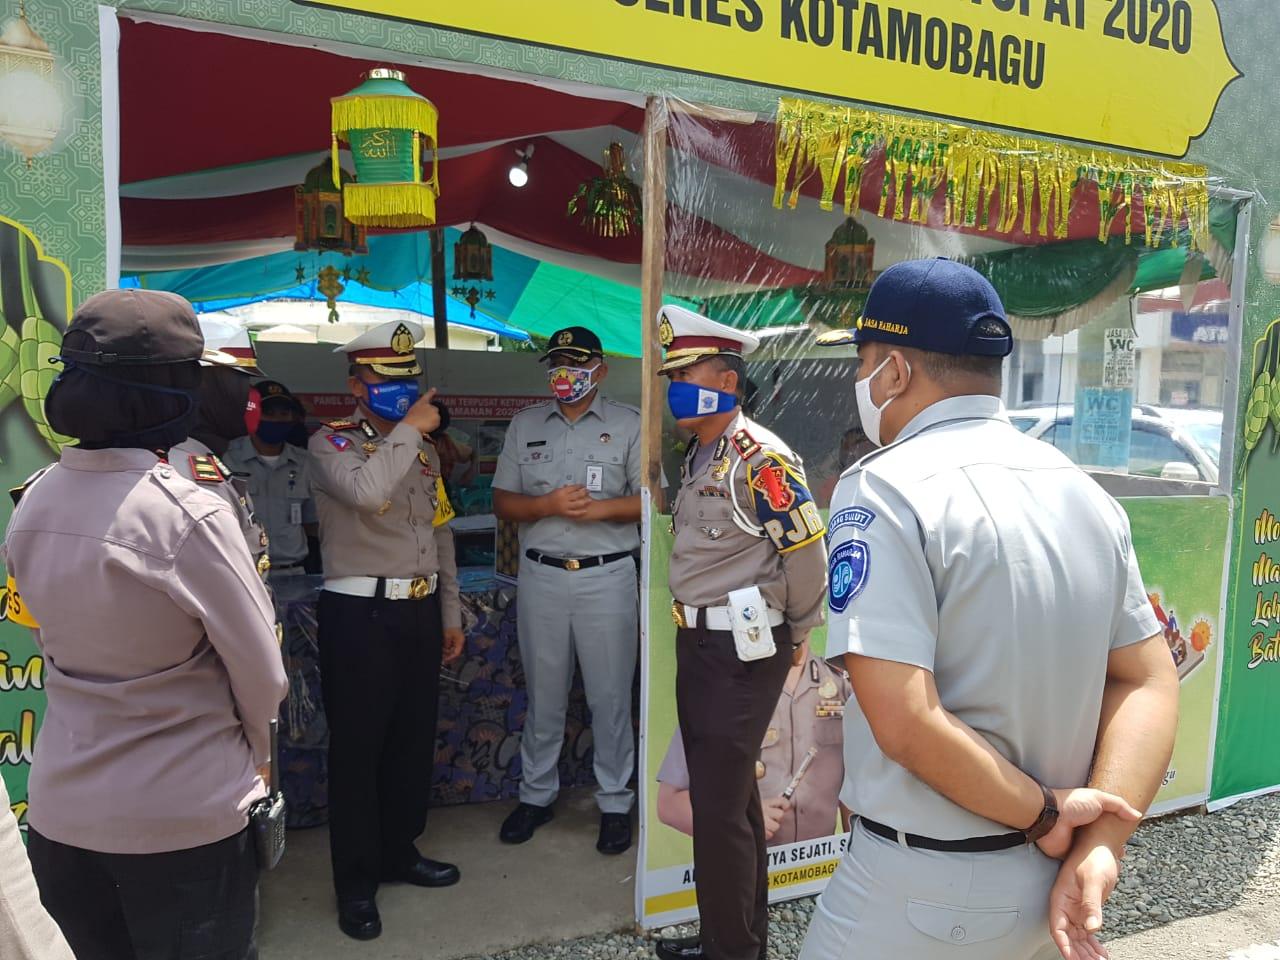 JR Kotamobagu Dampingi Pimpinan JR Sulut dan Dirlantas.